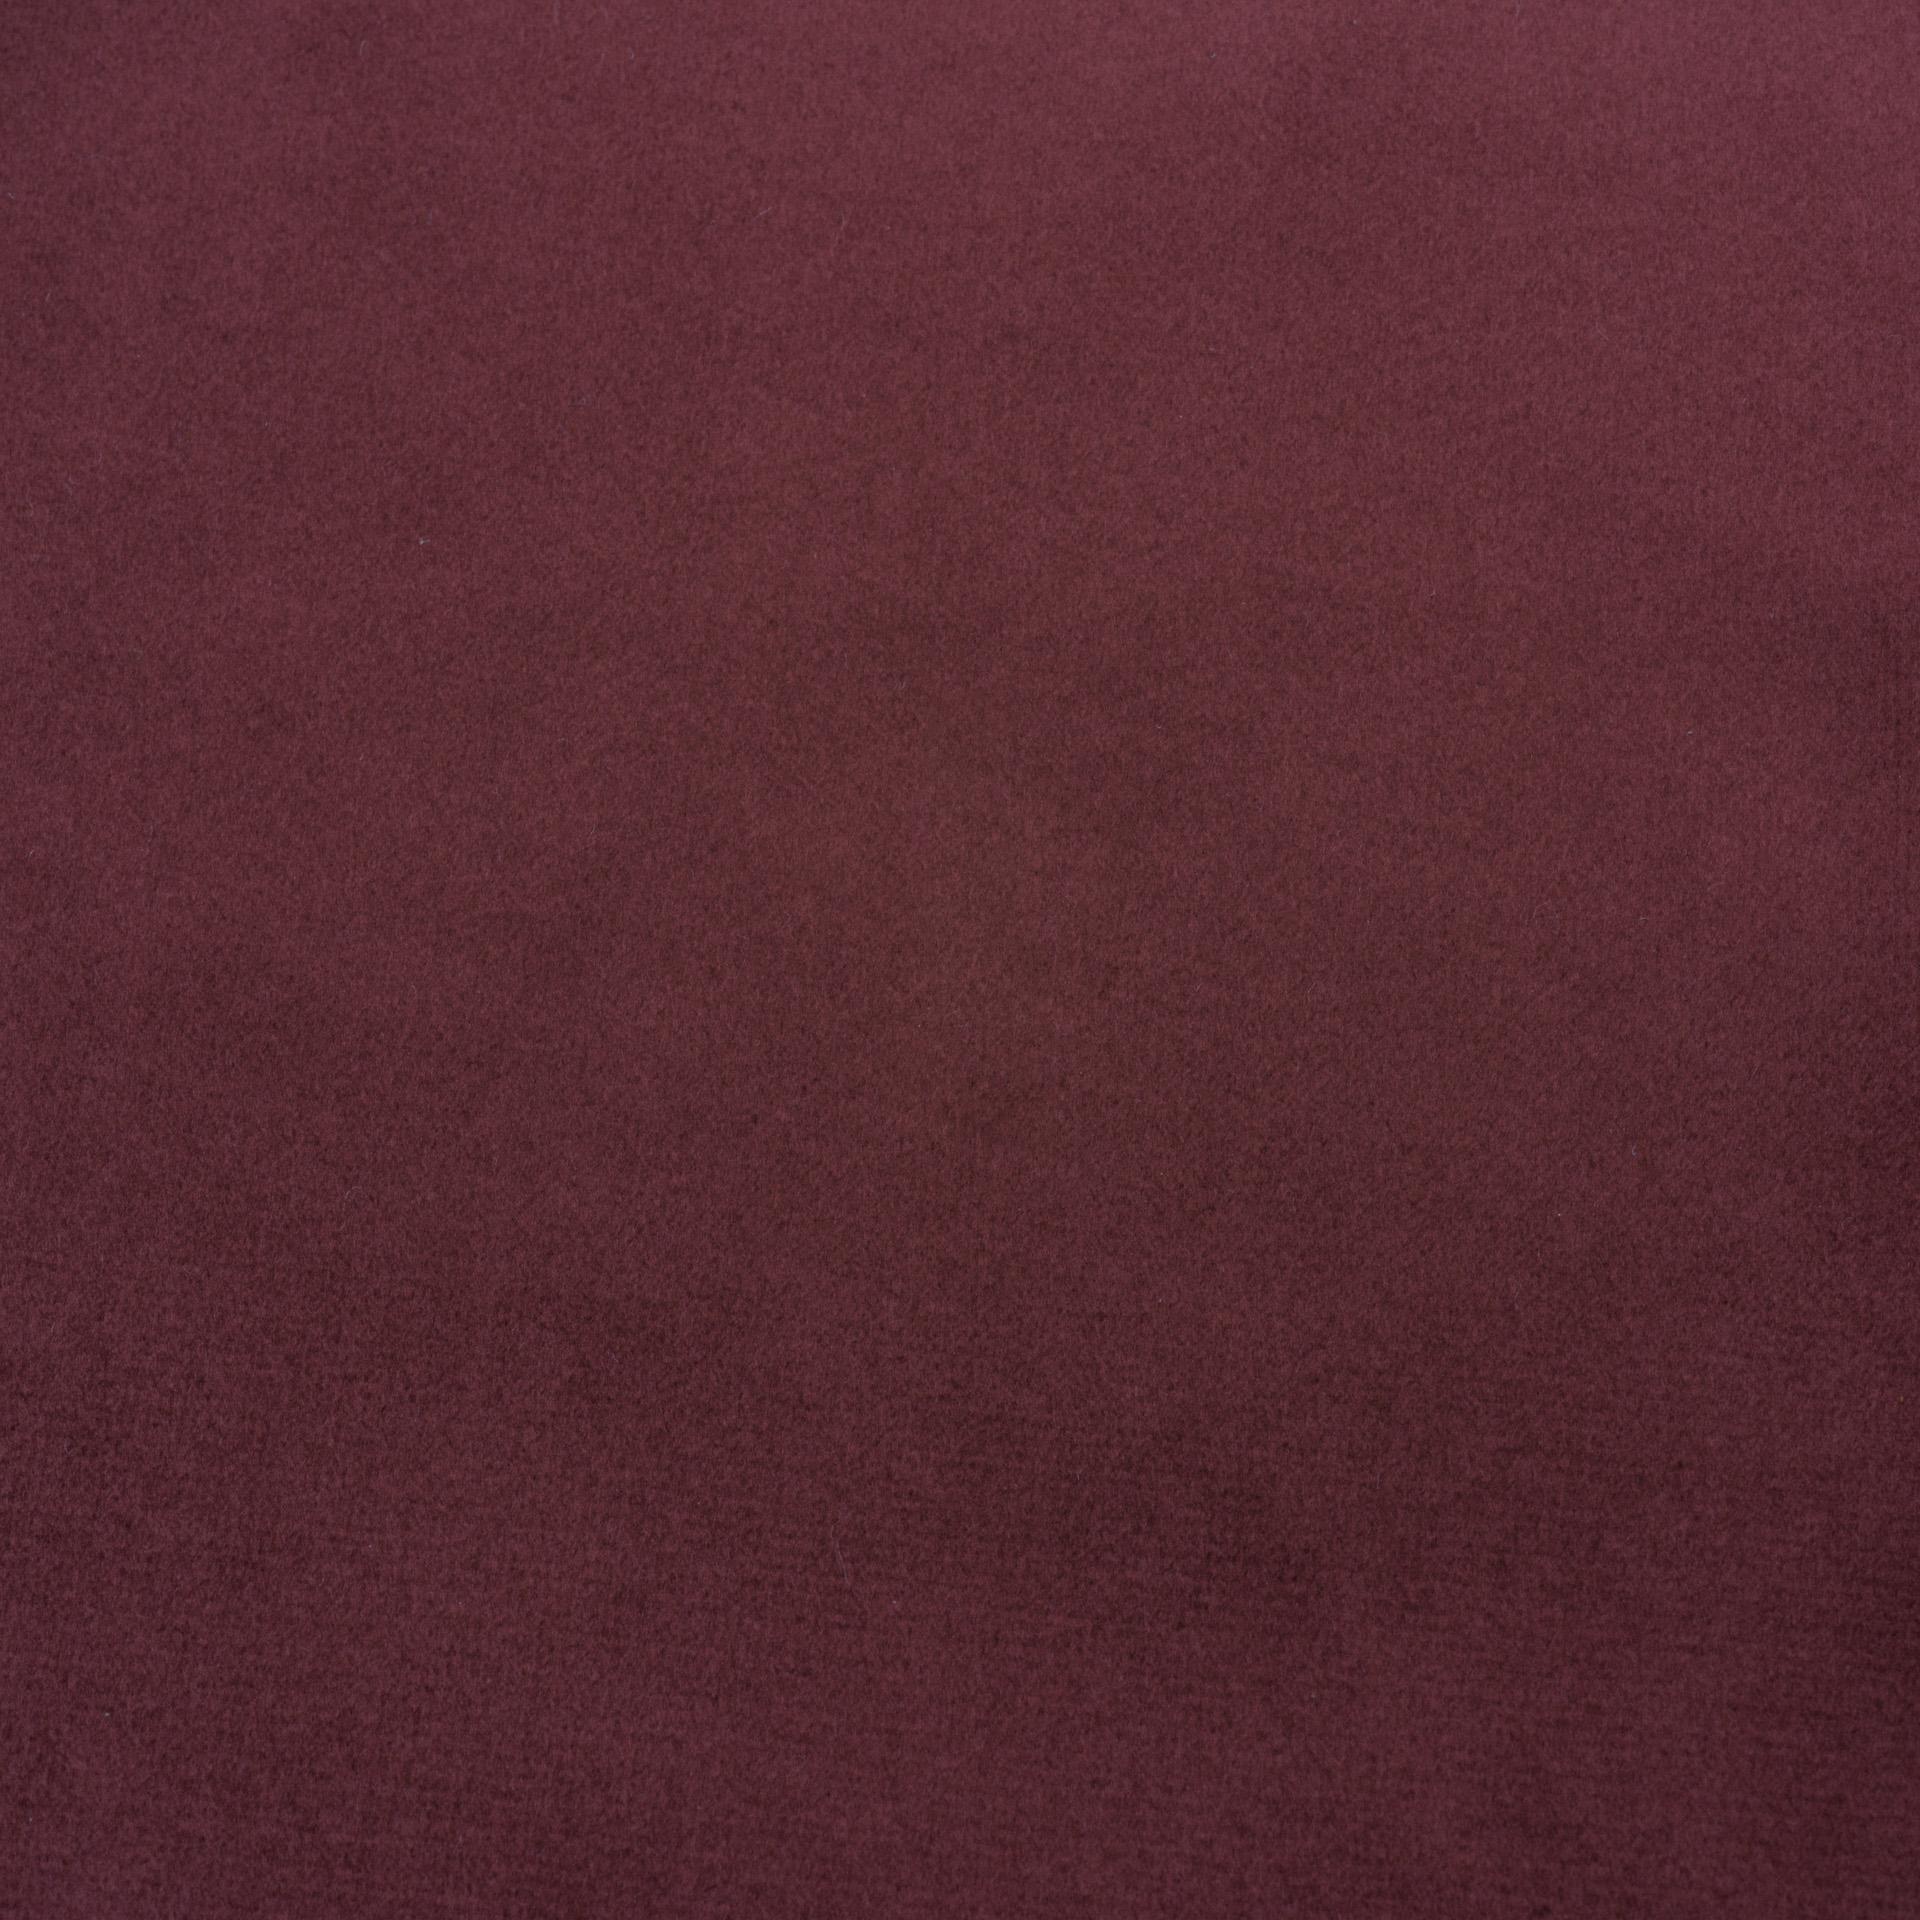 Коллекция ткани Багира 16 MARSALA,  купить ткань Велюр для мебели Украина